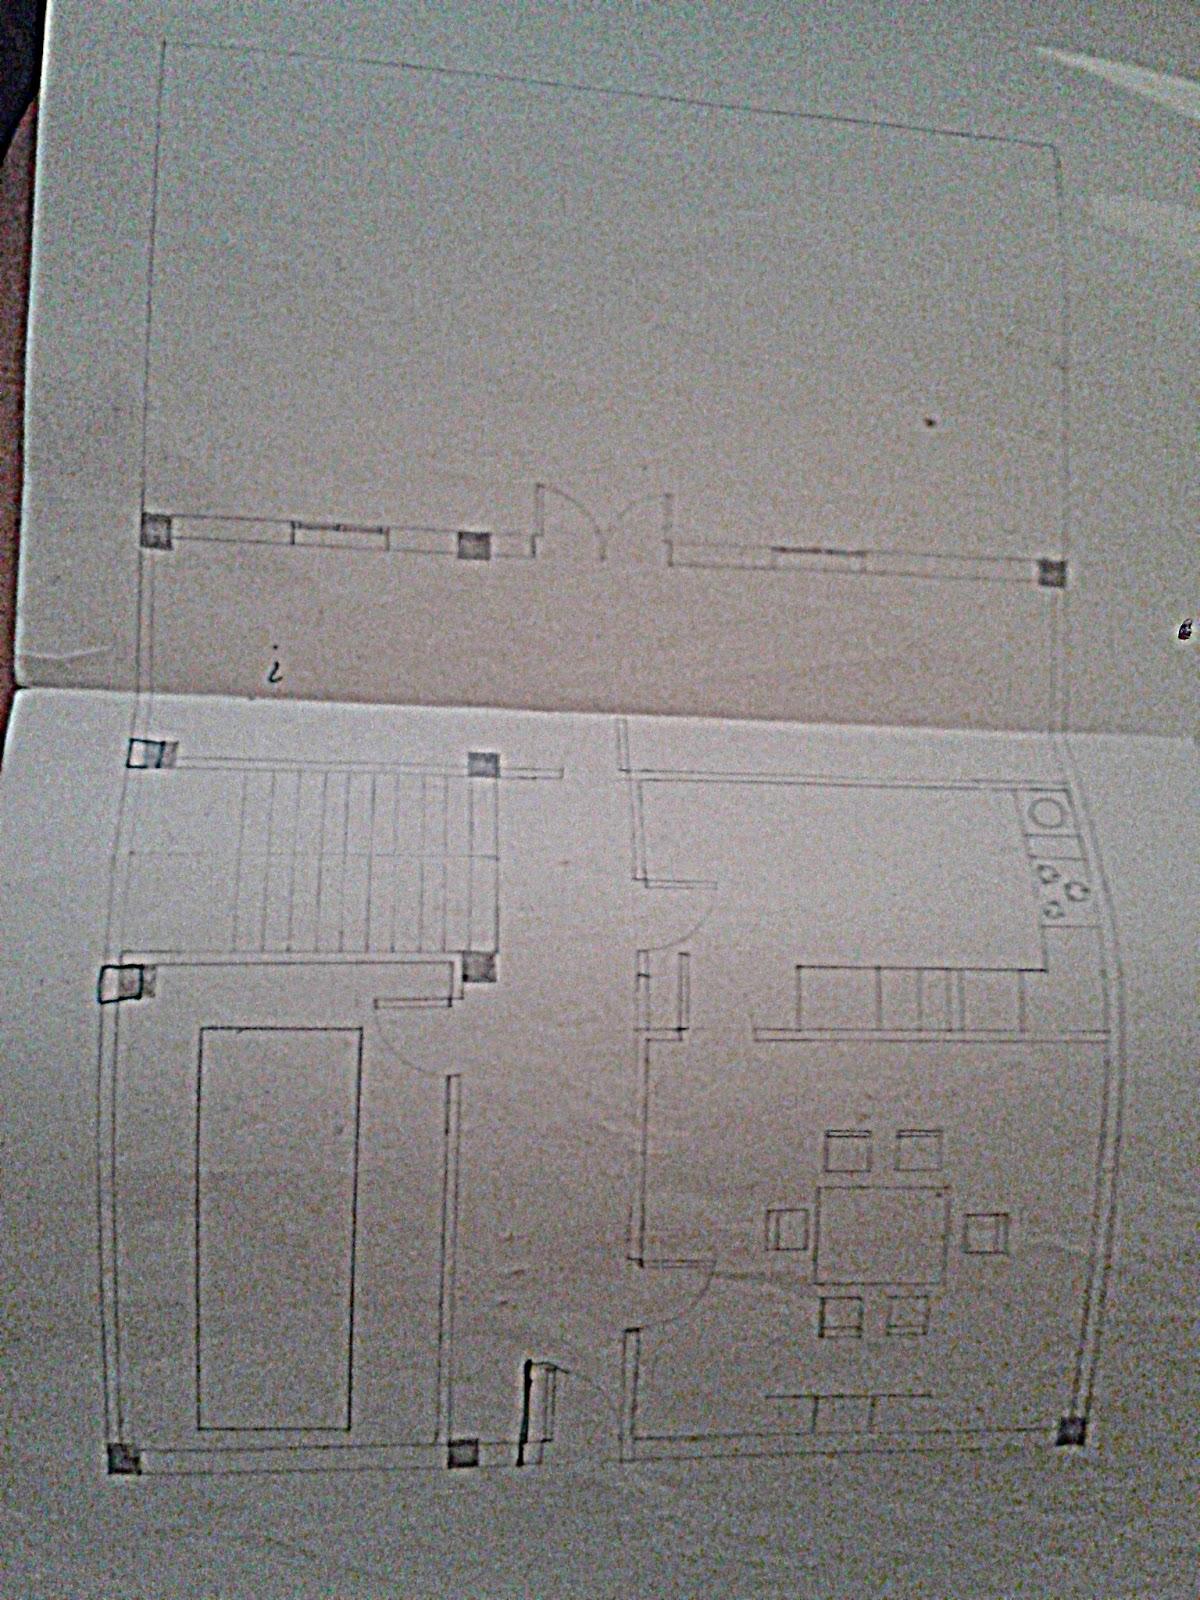 4 y mitad de aquello casa - Hacer plano de mi casa ...